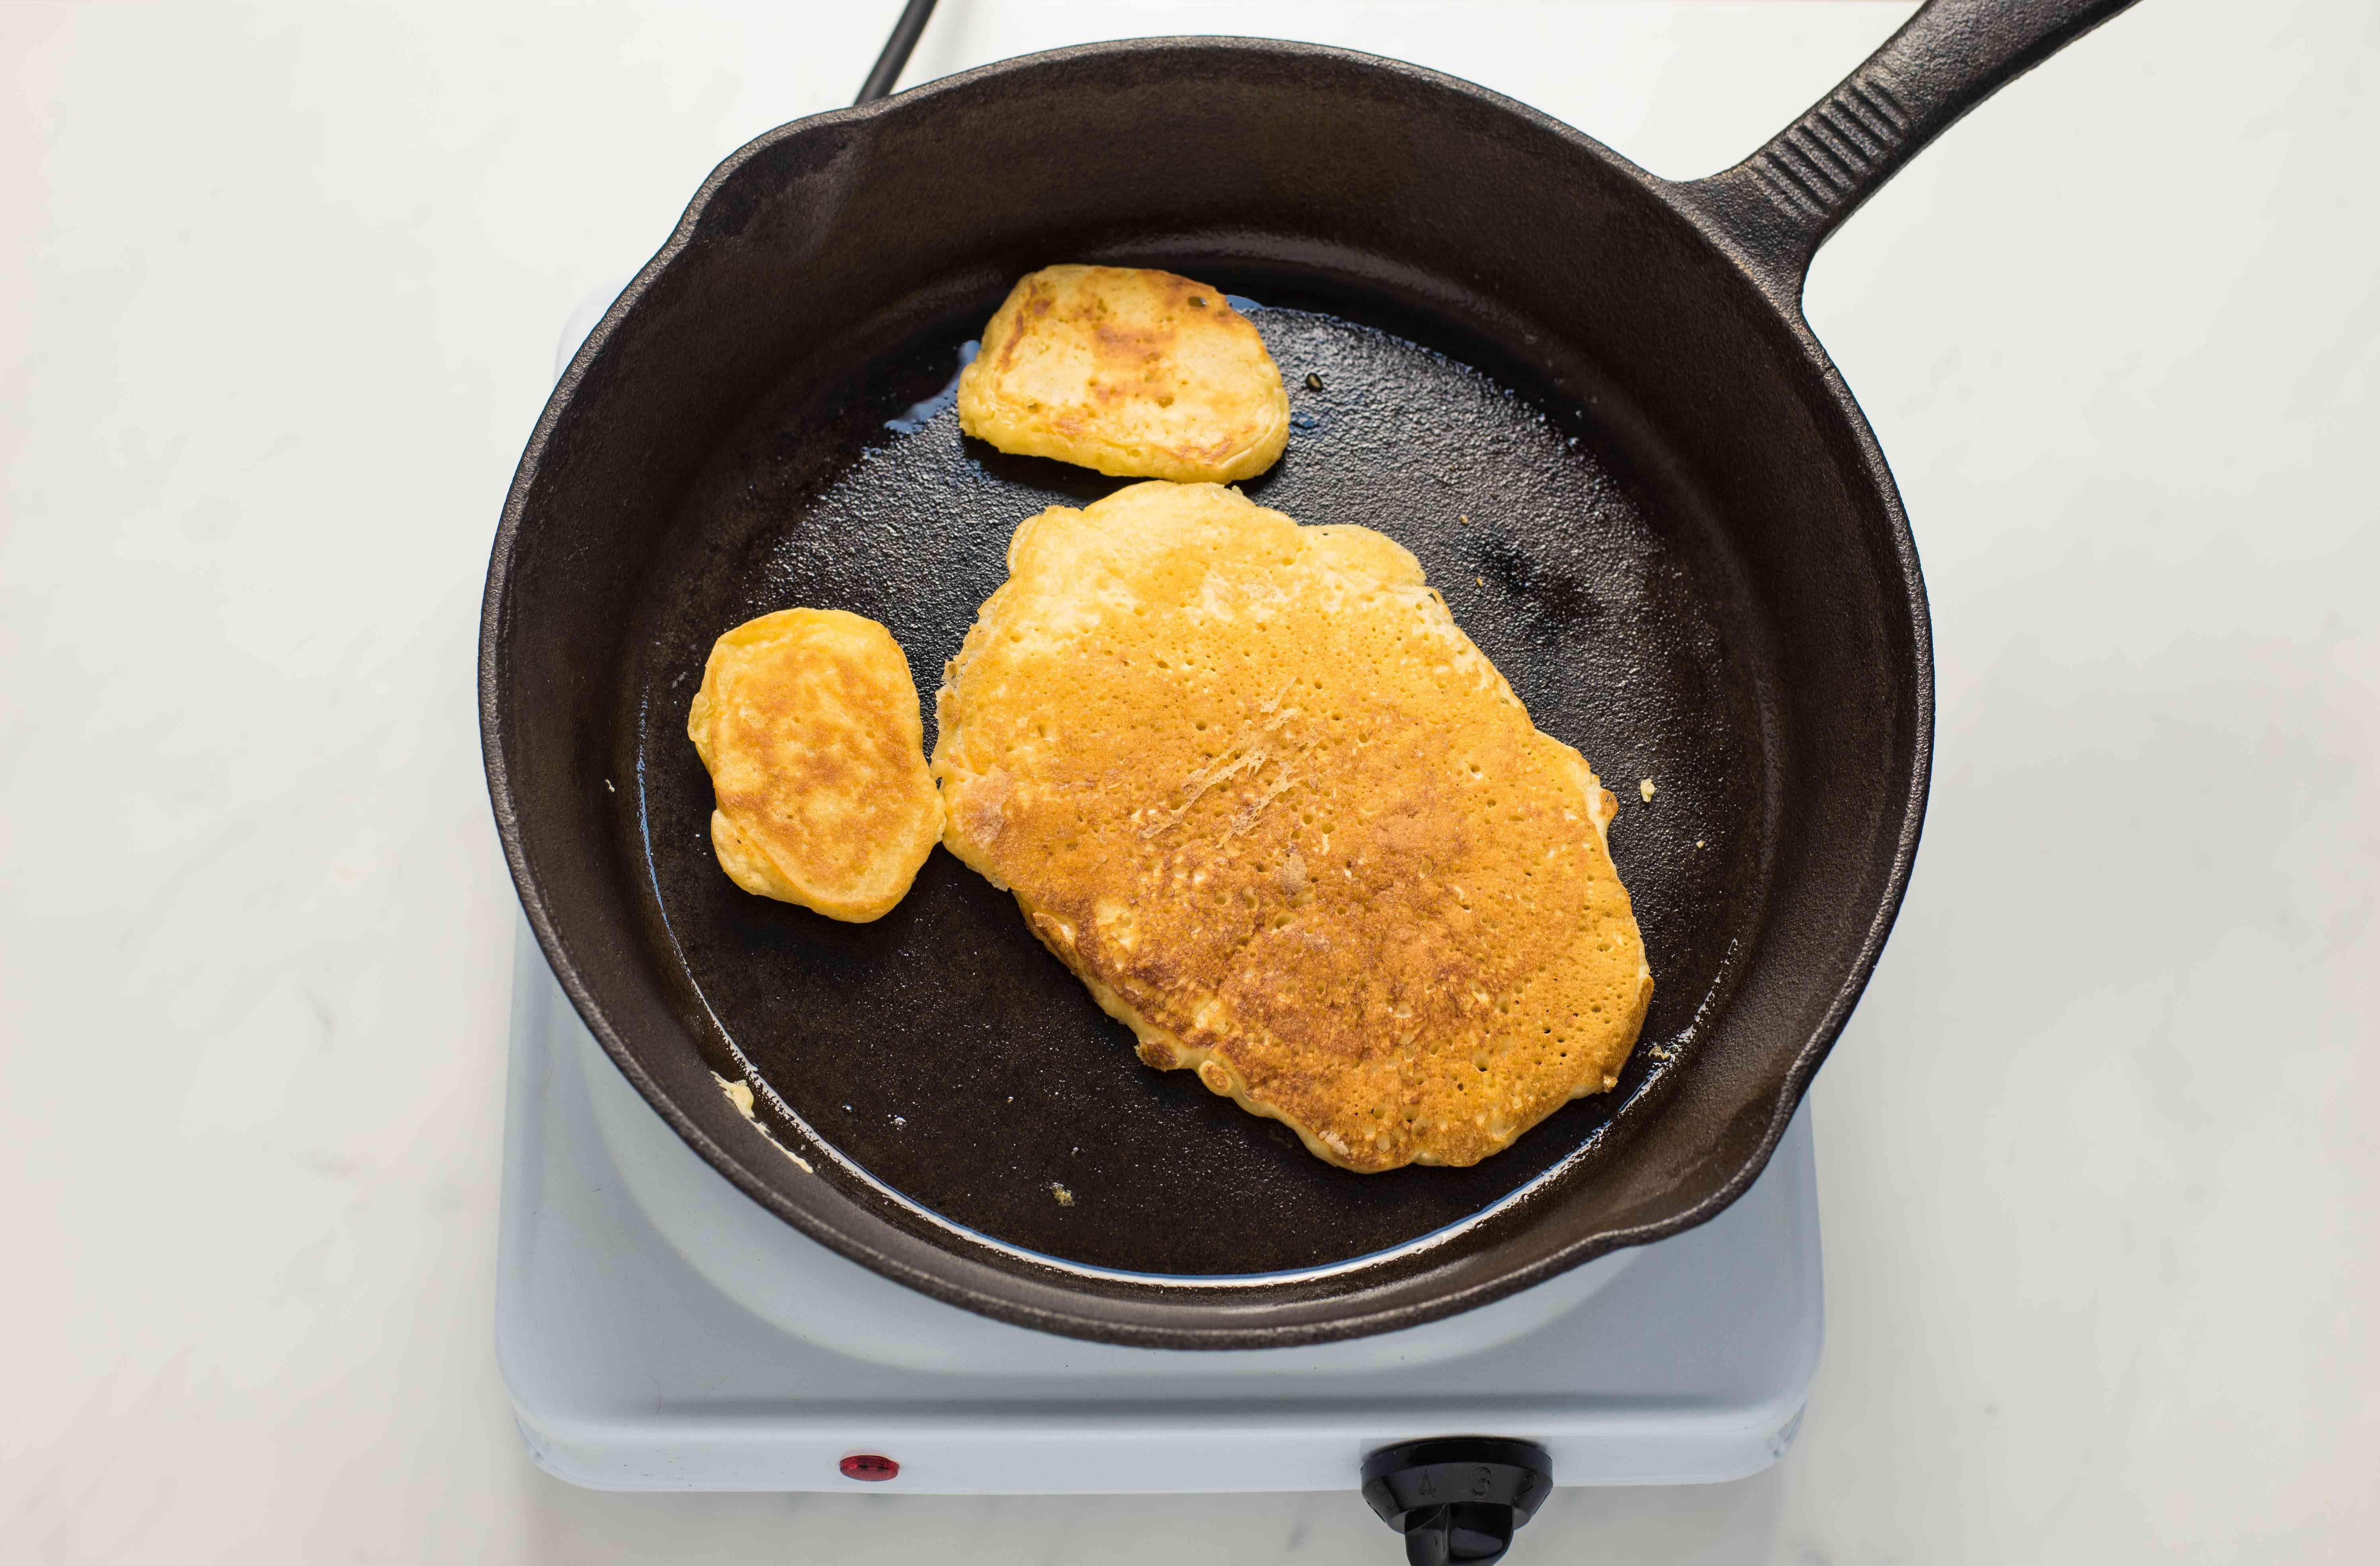 Cook pancakes